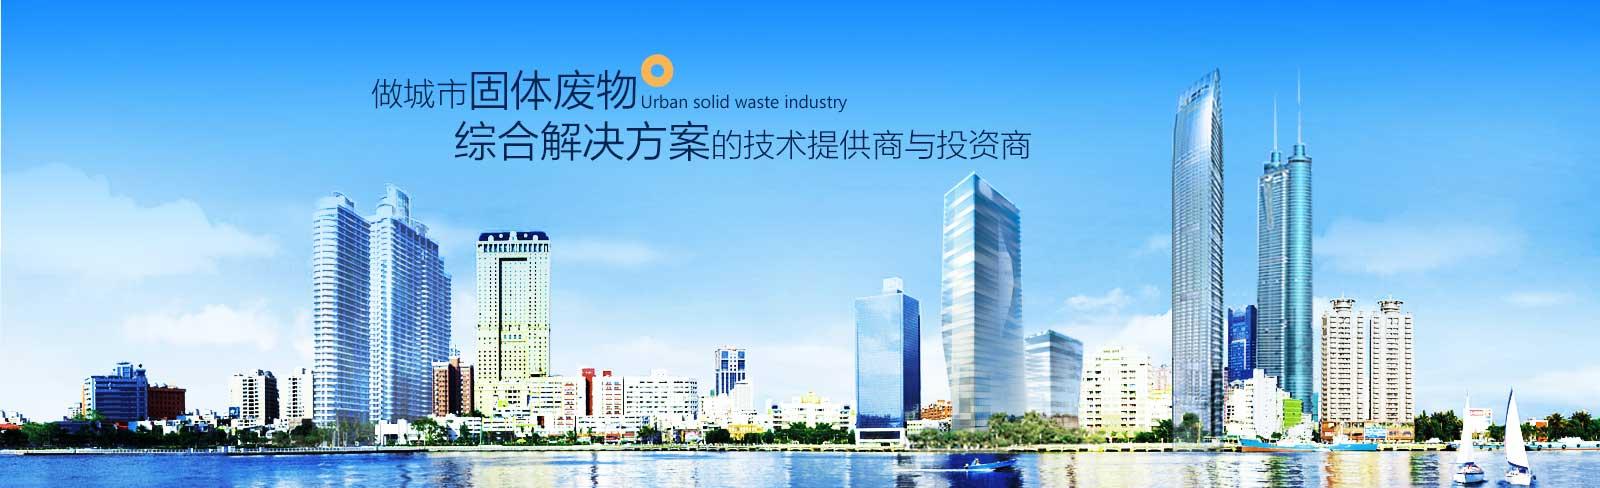 中国邮政集团公司组织结构图